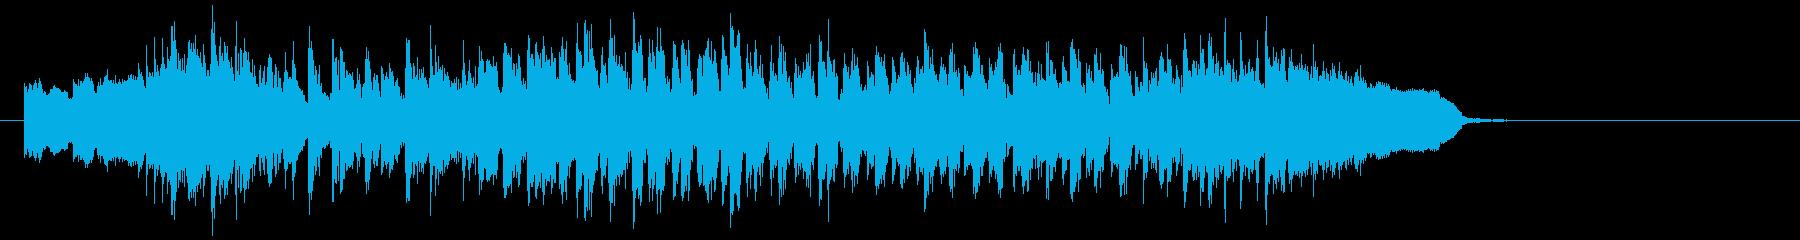 30秒CMに 夢いっぱいのポップなBGMの再生済みの波形